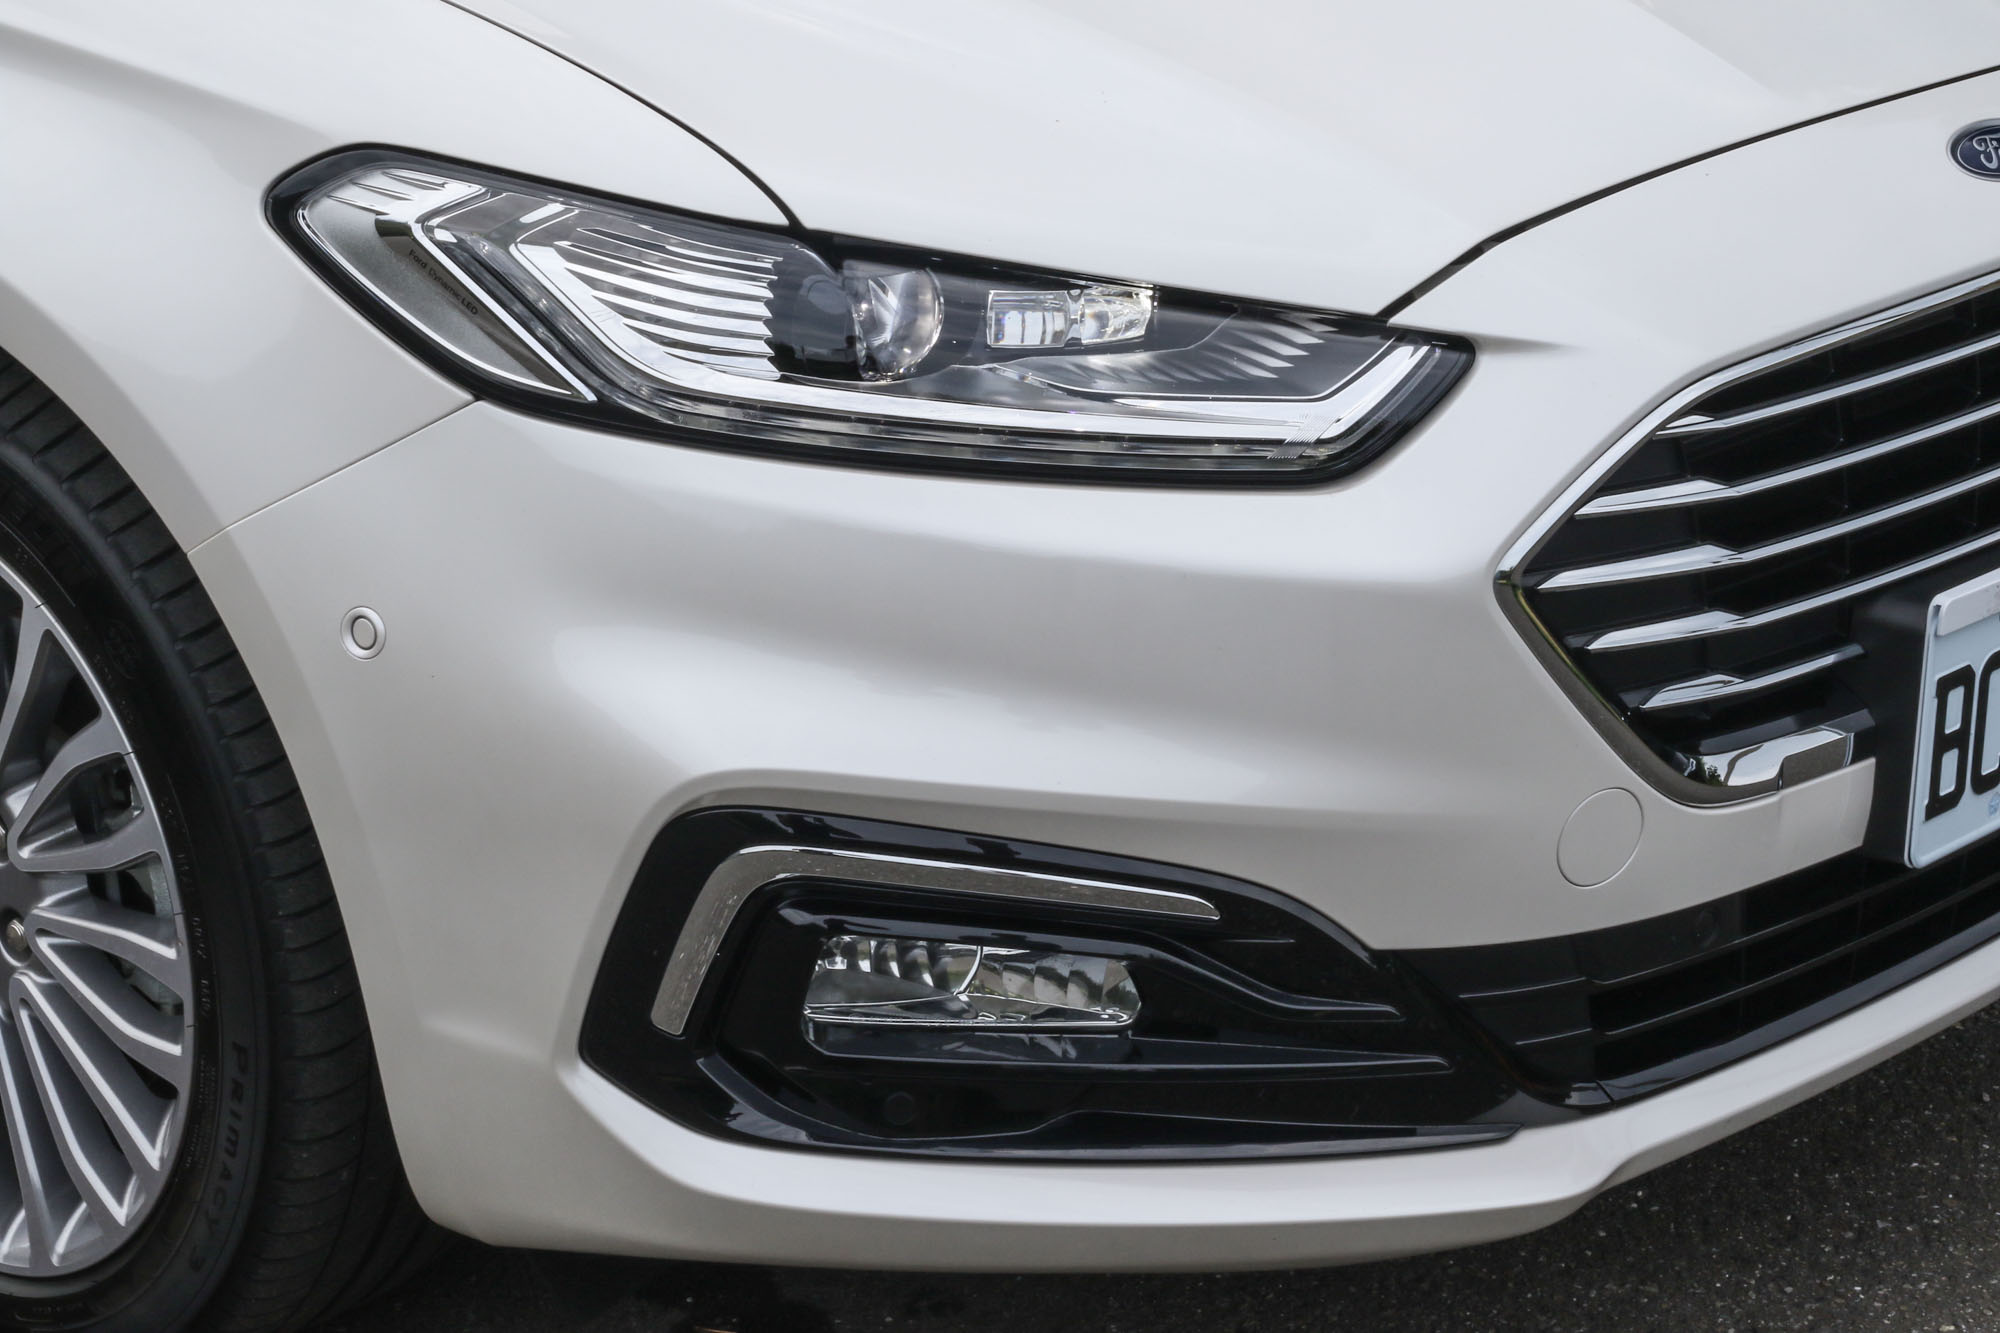 主動式 LED 智慧頭燈整合 AFS 主動式轉向照明輔助與 AHB 自動遠光燈,可在偵測到對向來車時自動切換至近光燈。